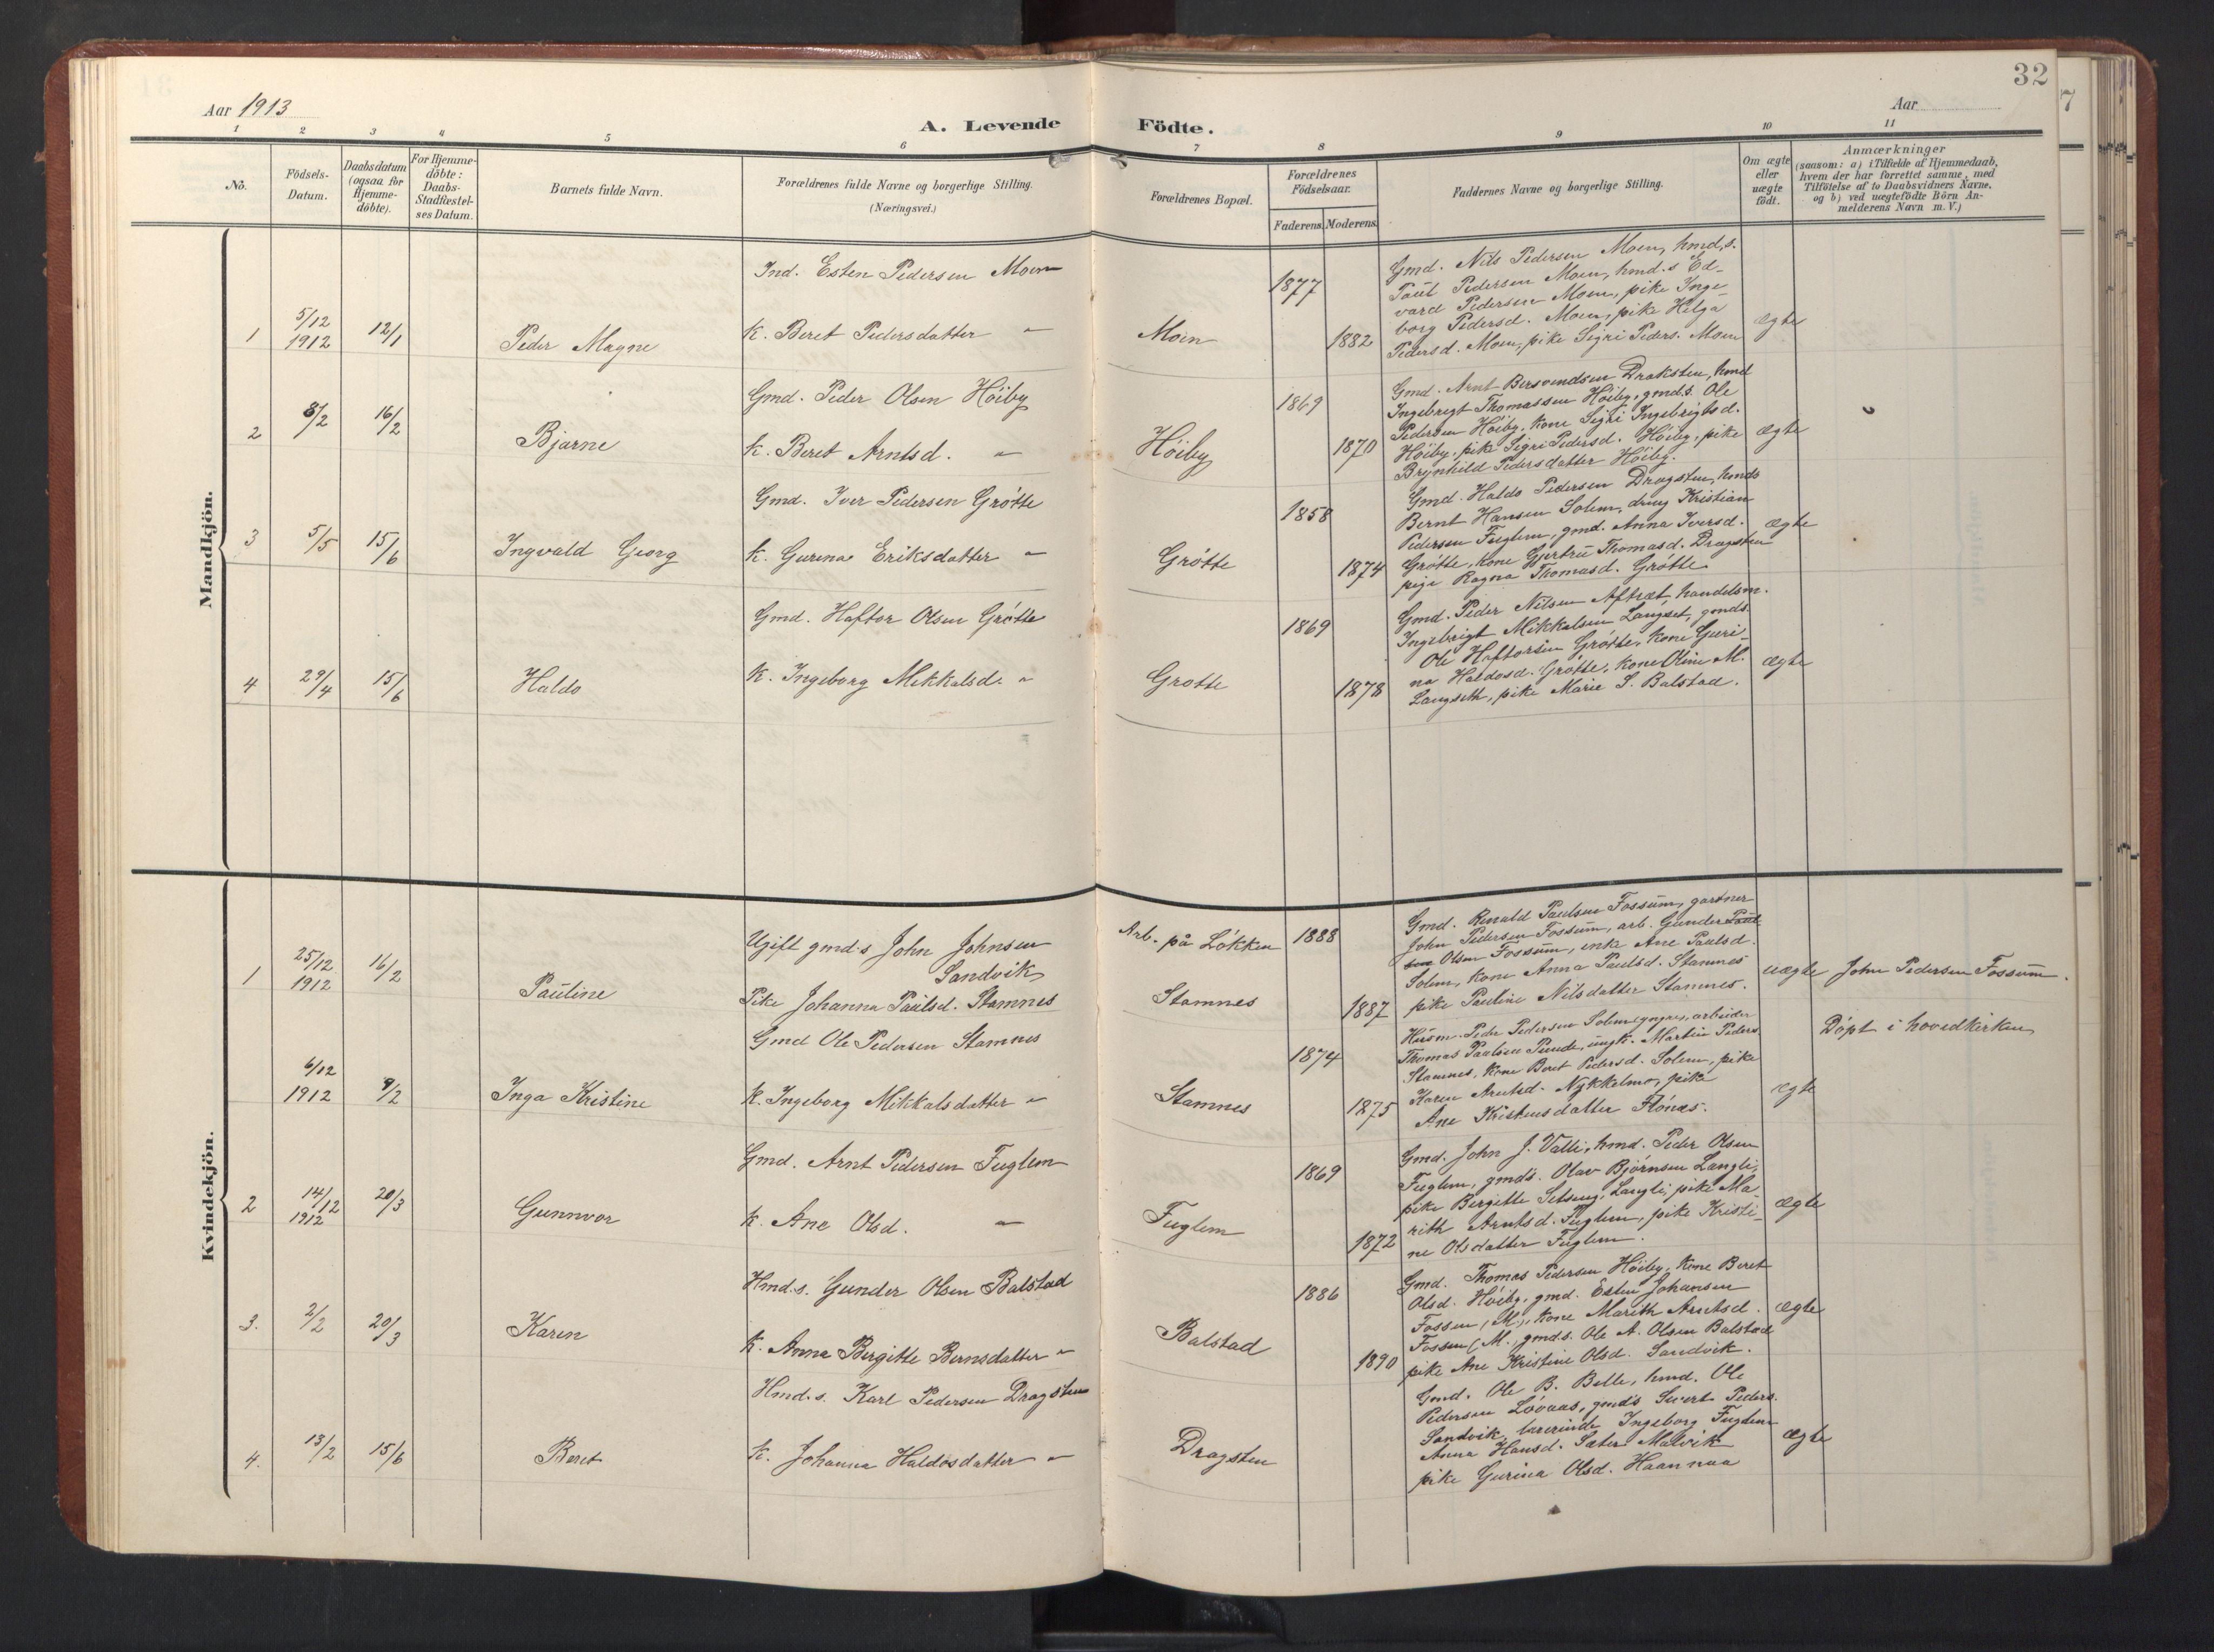 SAT, Ministerialprotokoller, klokkerbøker og fødselsregistre - Sør-Trøndelag, 696/L1161: Klokkerbok nr. 696C01, 1902-1950, s. 32